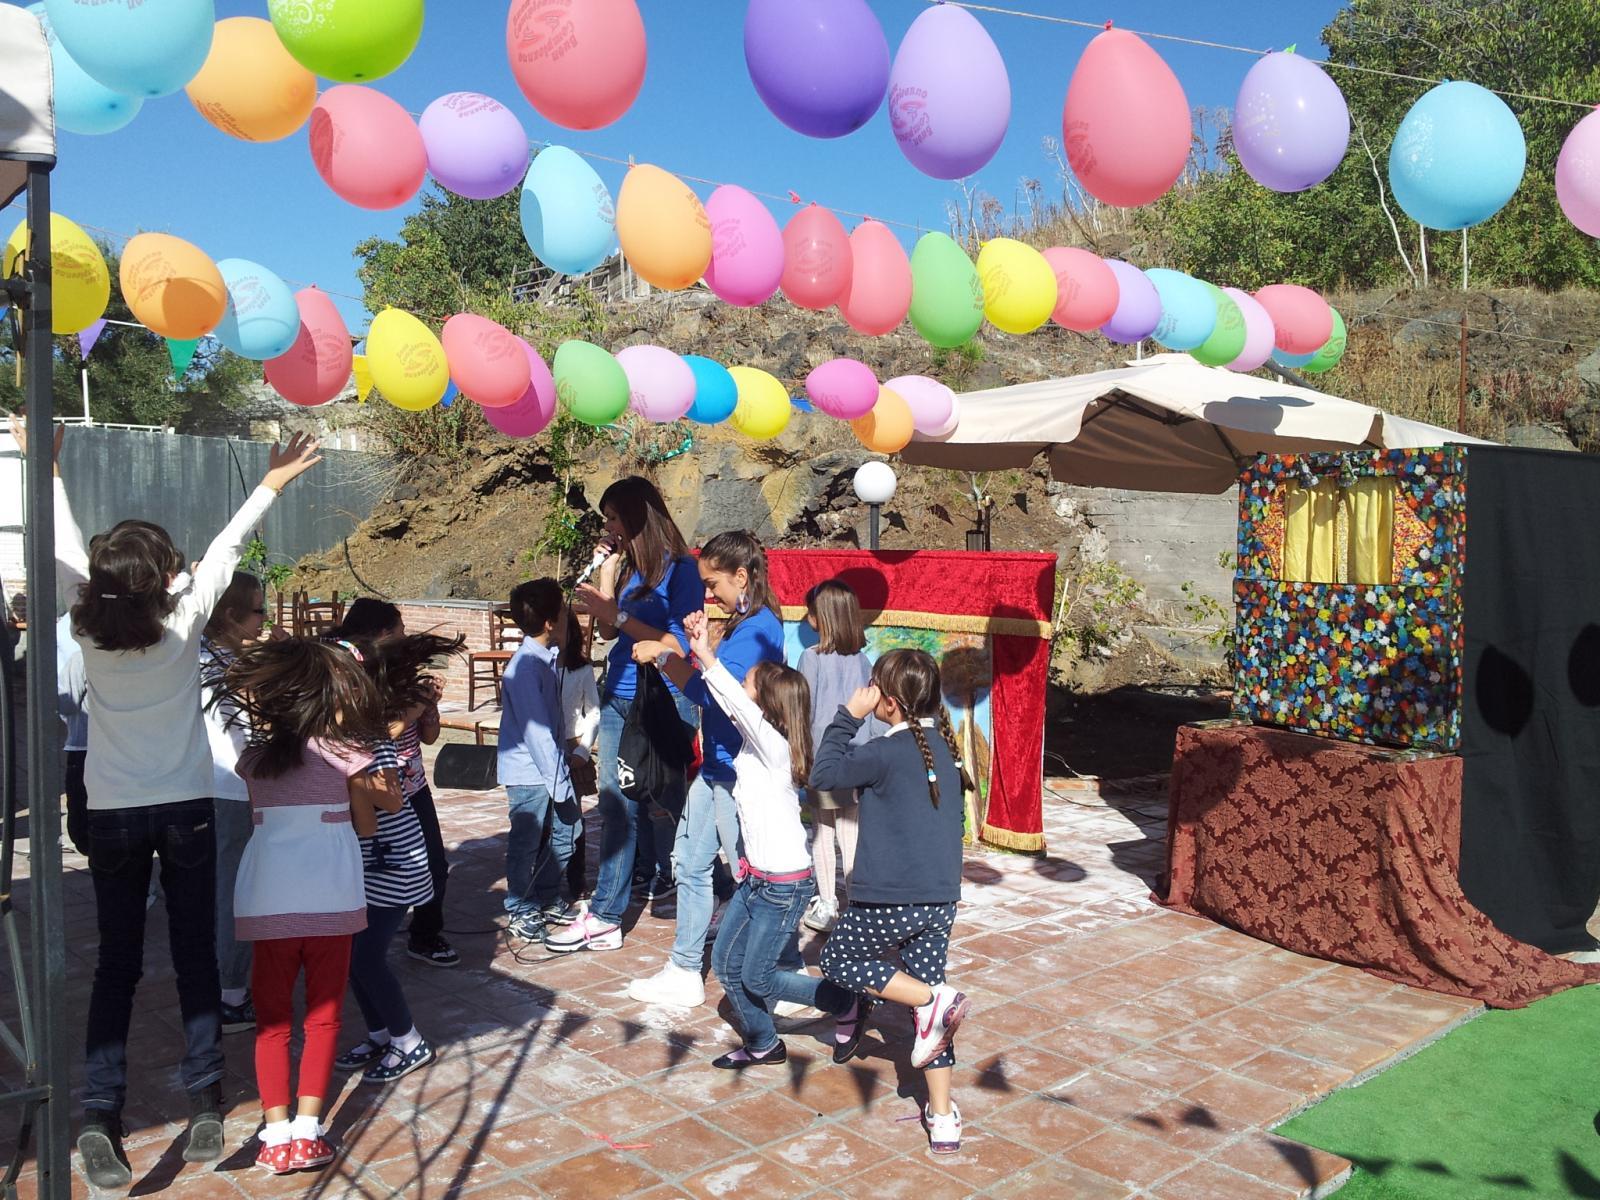 Giochi per bambini da fare all 39 aperto bf promotionbf for Giochi per bambini di un anno